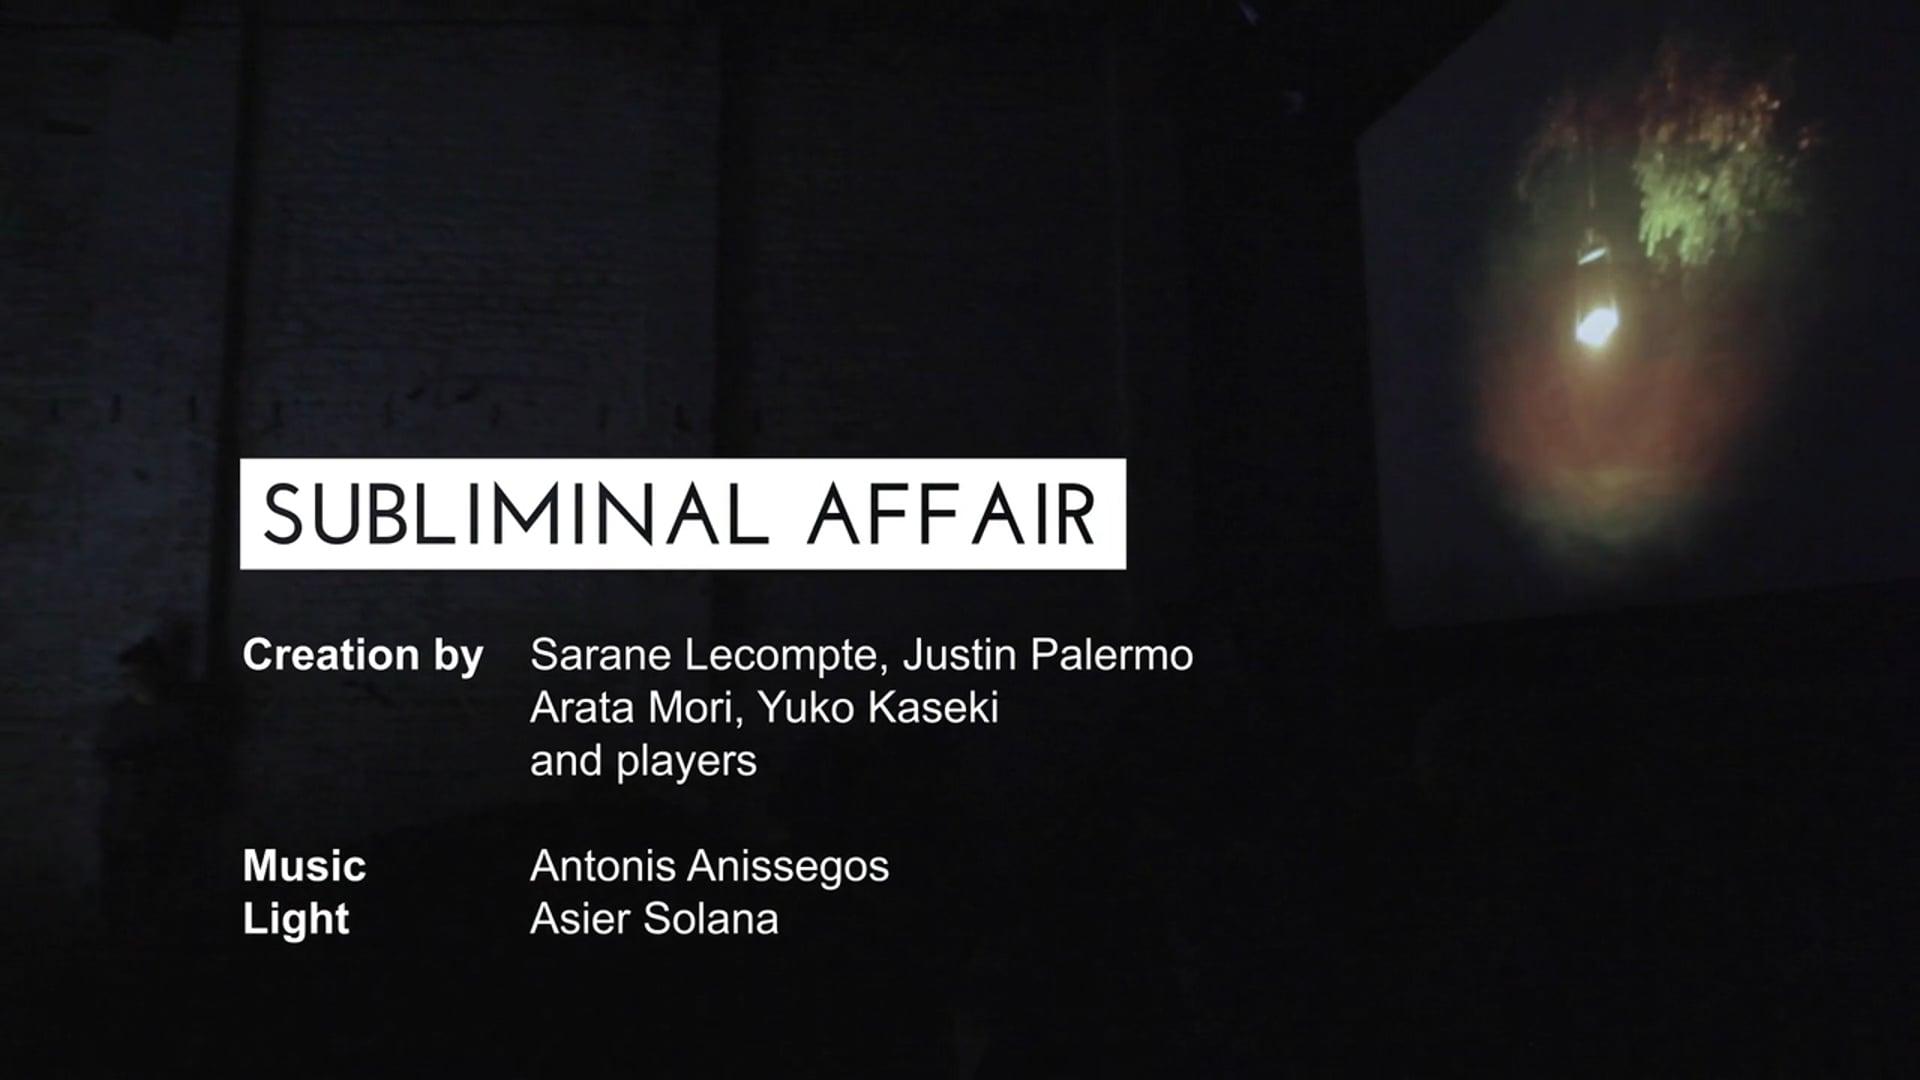 Subliminal Affair